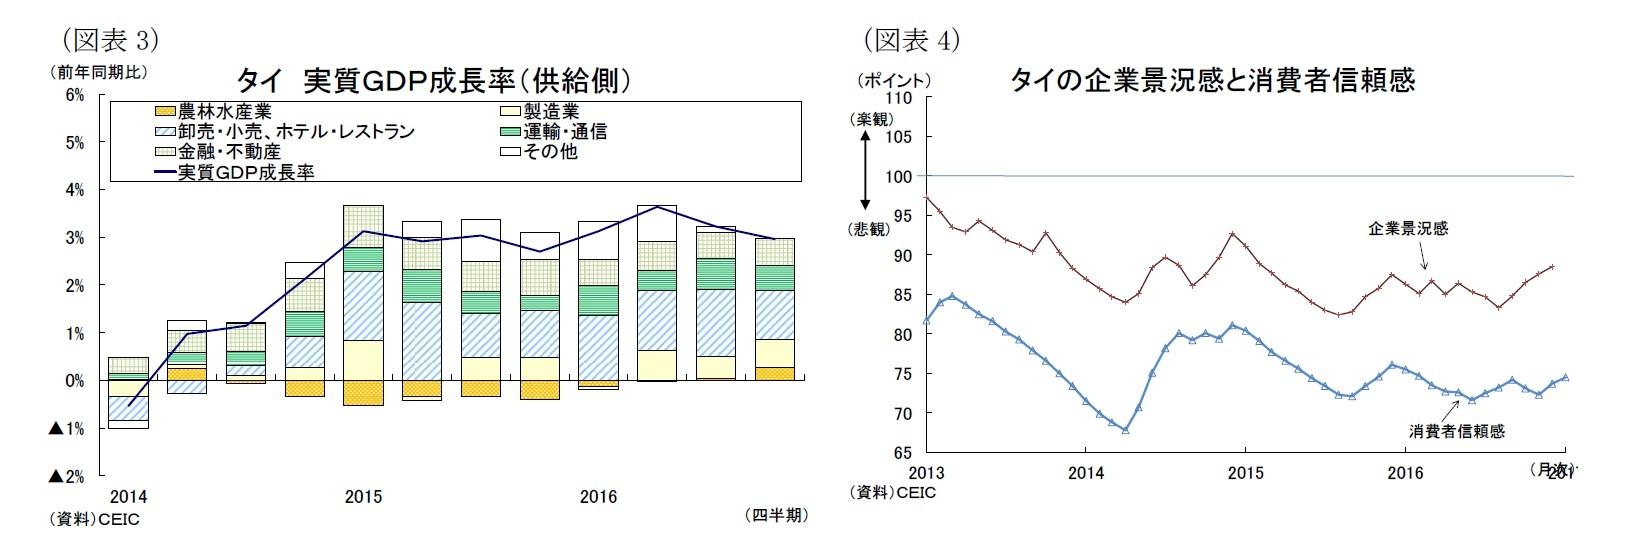 (図表3)タイ実質GDP成長率(供給側)/(図表4)タイの企業景況感と消費者信頼感